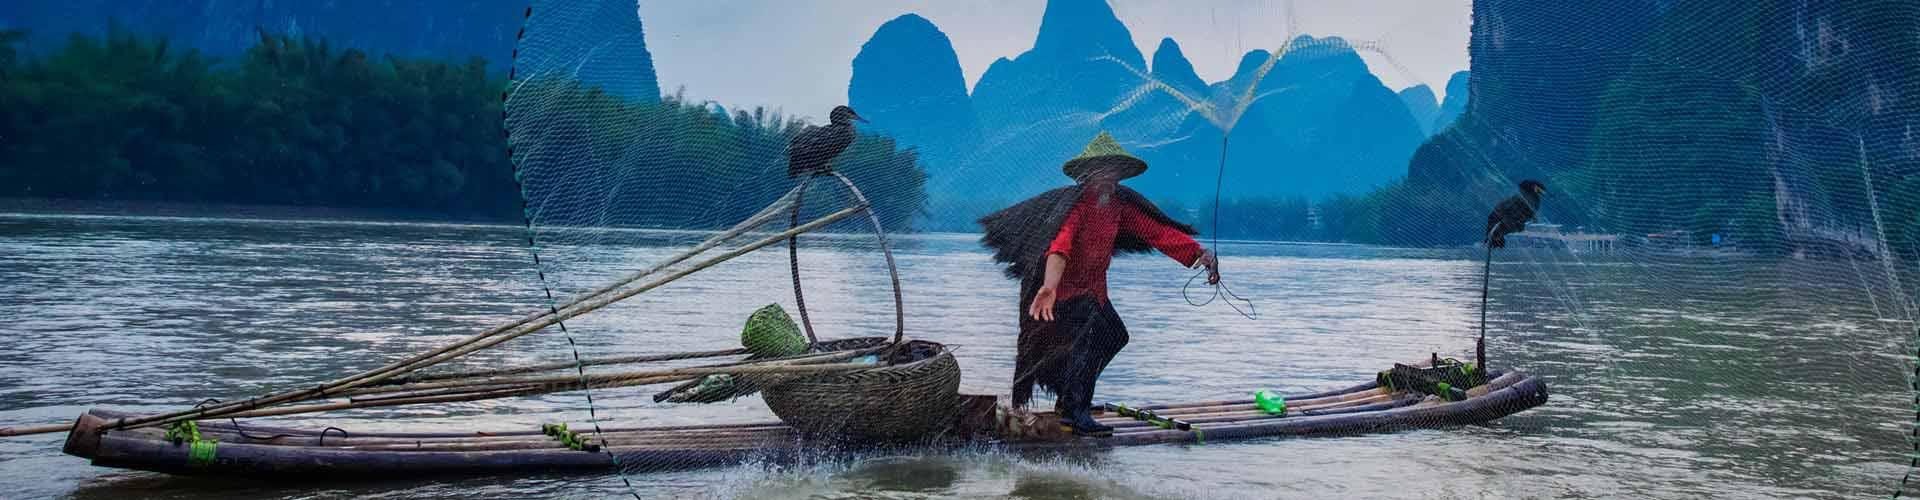 pêche sur la rivière Li